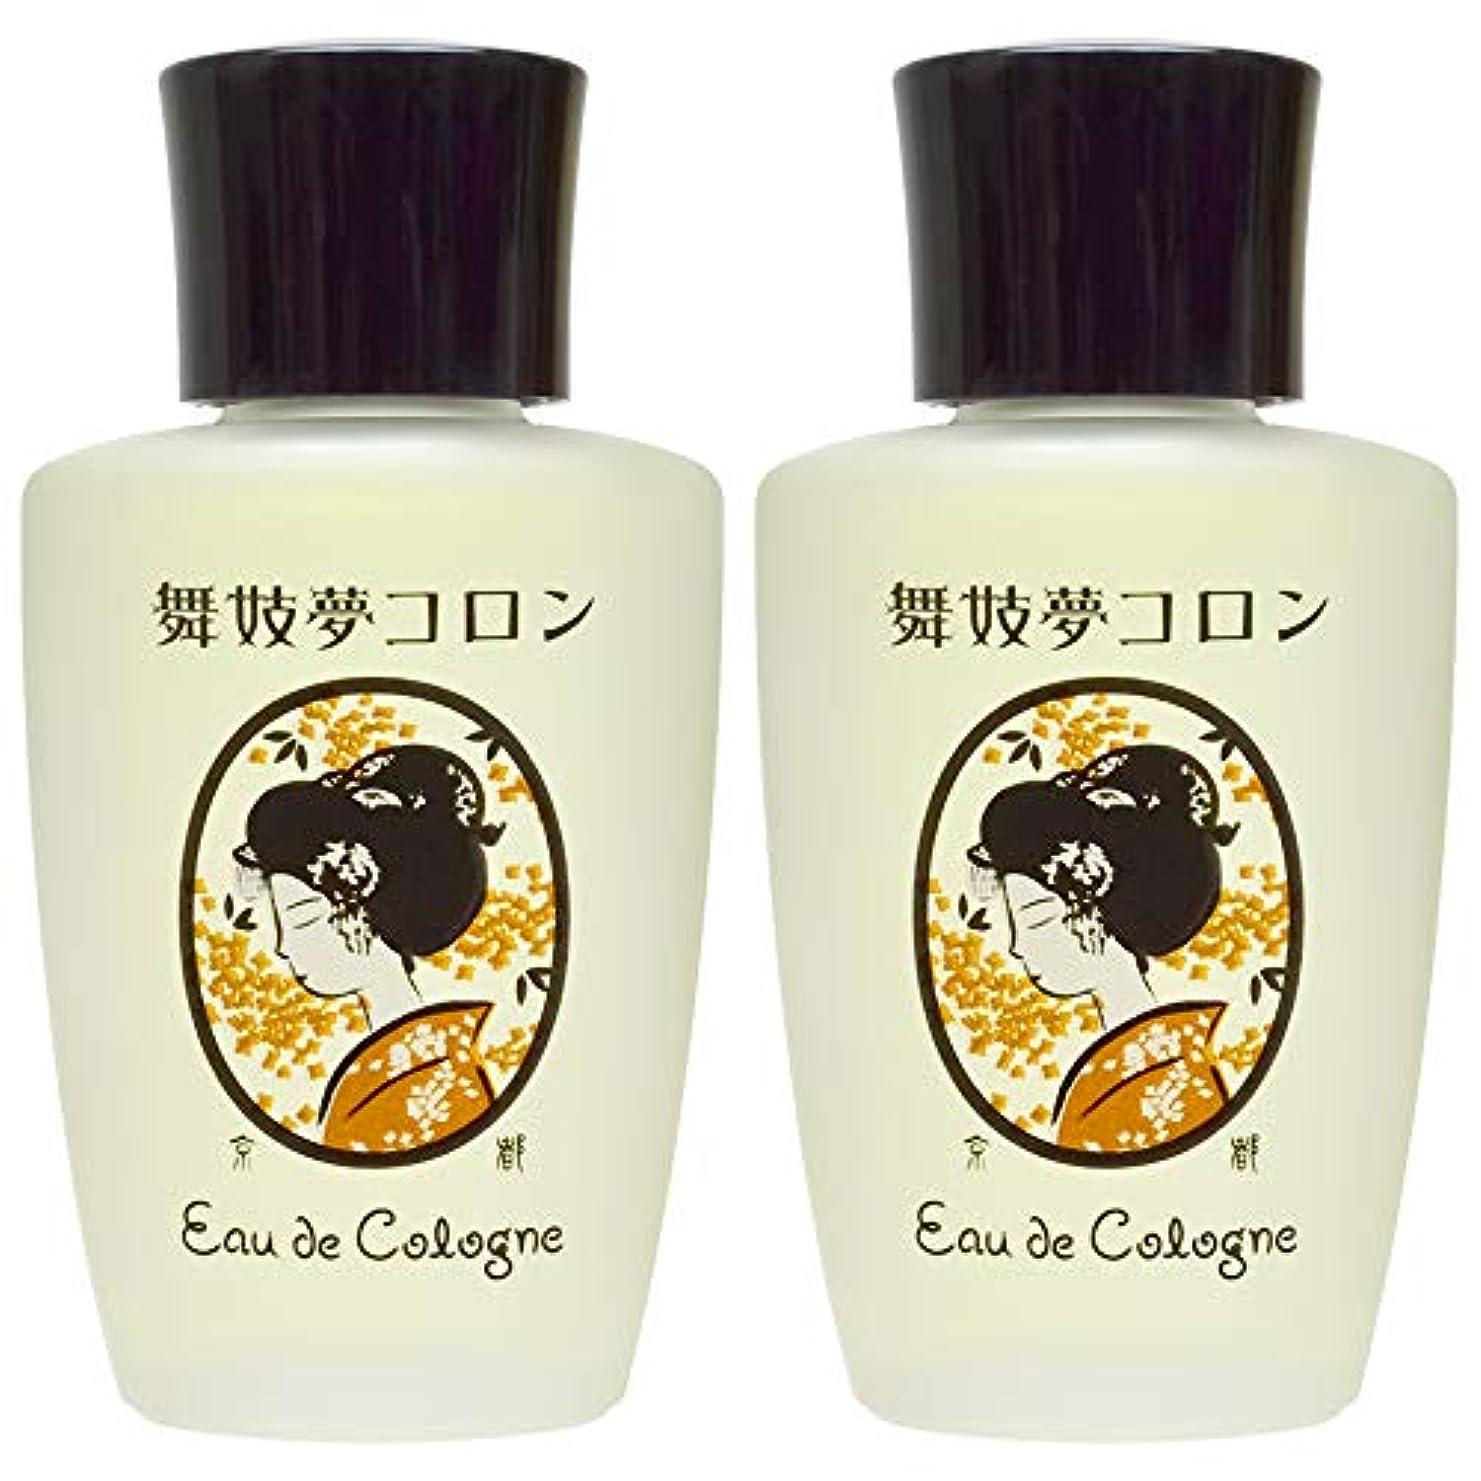 すみませんほかにお誕生日舞妓夢コロン 金木犀/きんもくせいの香り 2個セット